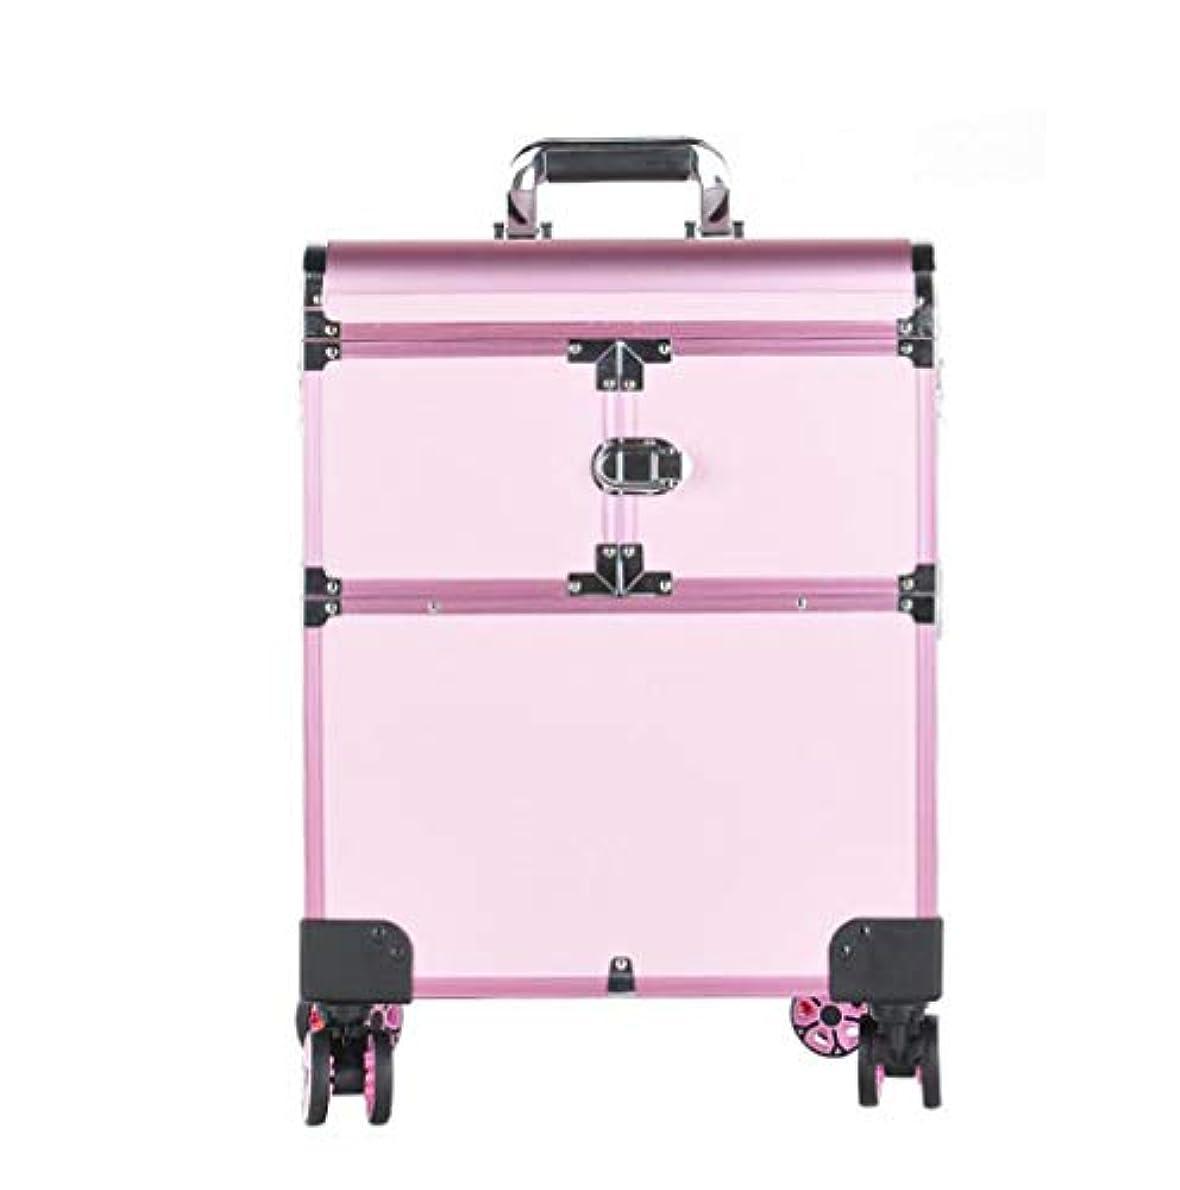 管理する便宜虚栄心BUMC 特大化粧列車化粧トロリーケース、多層大容量プロフェッショナル化粧品ポータブルレバーオーガナイザー収納ビューティーボックス,Pink